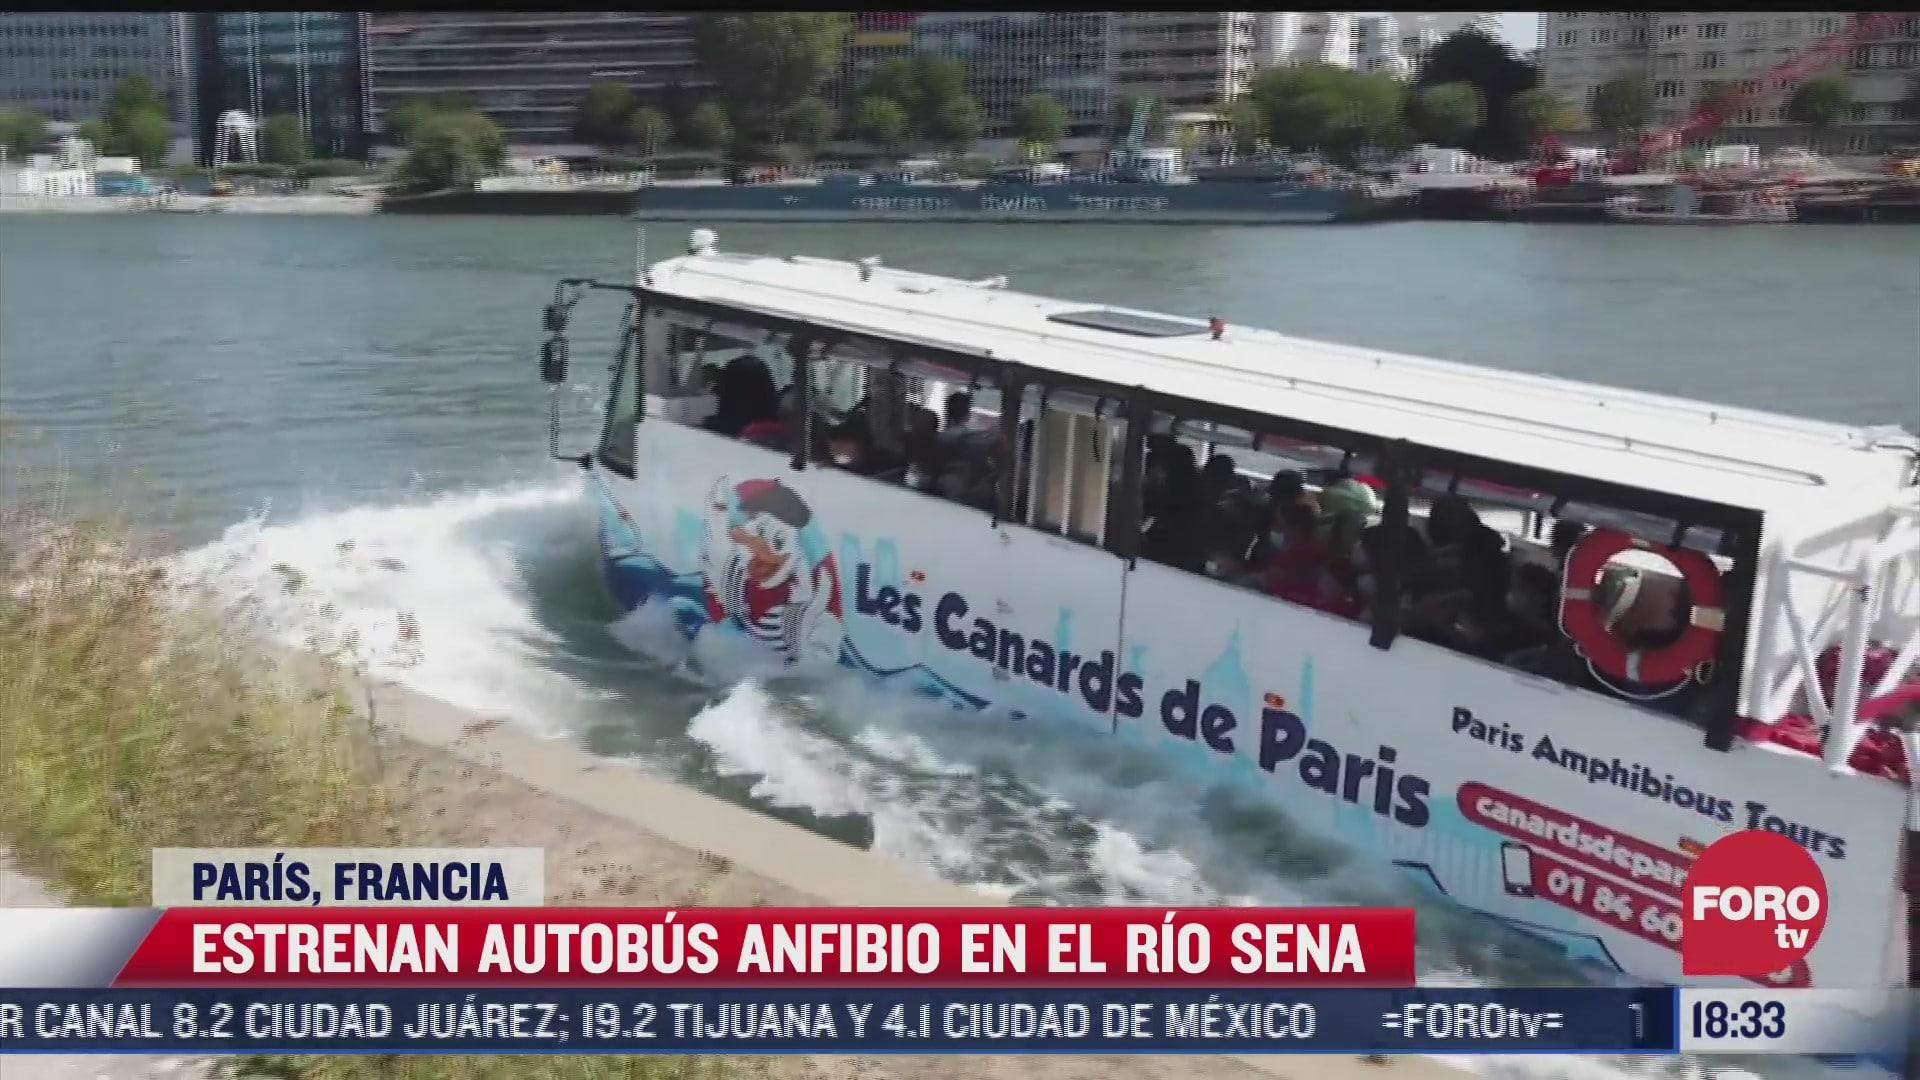 estrenan autobus anfibio en el rio sena en paris